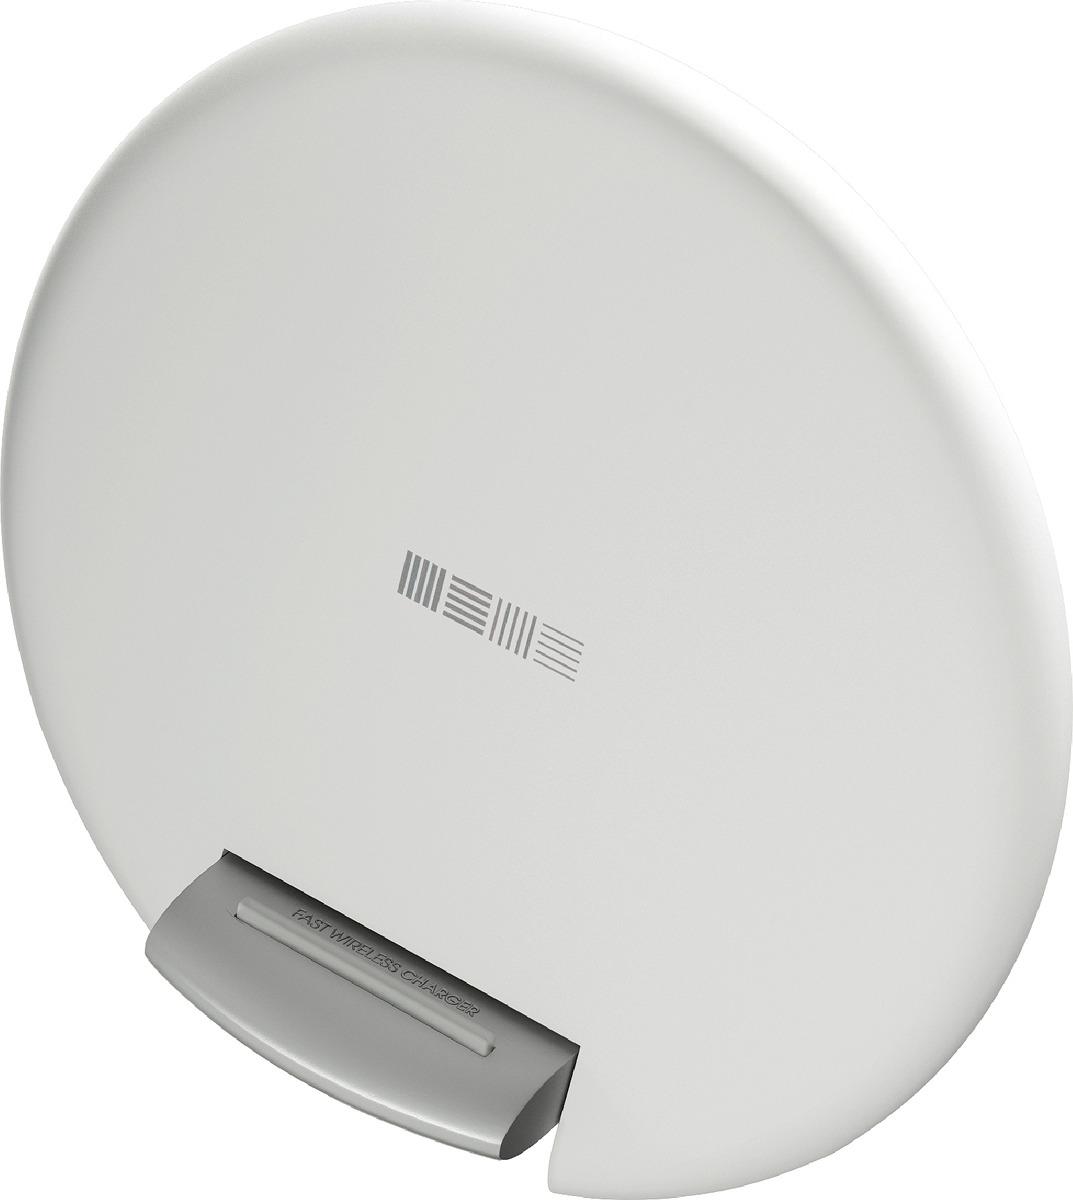 Беспроводное зарядное устройство Interstep QI 10W IS-TC-QISETW10W-000B201, белый цена